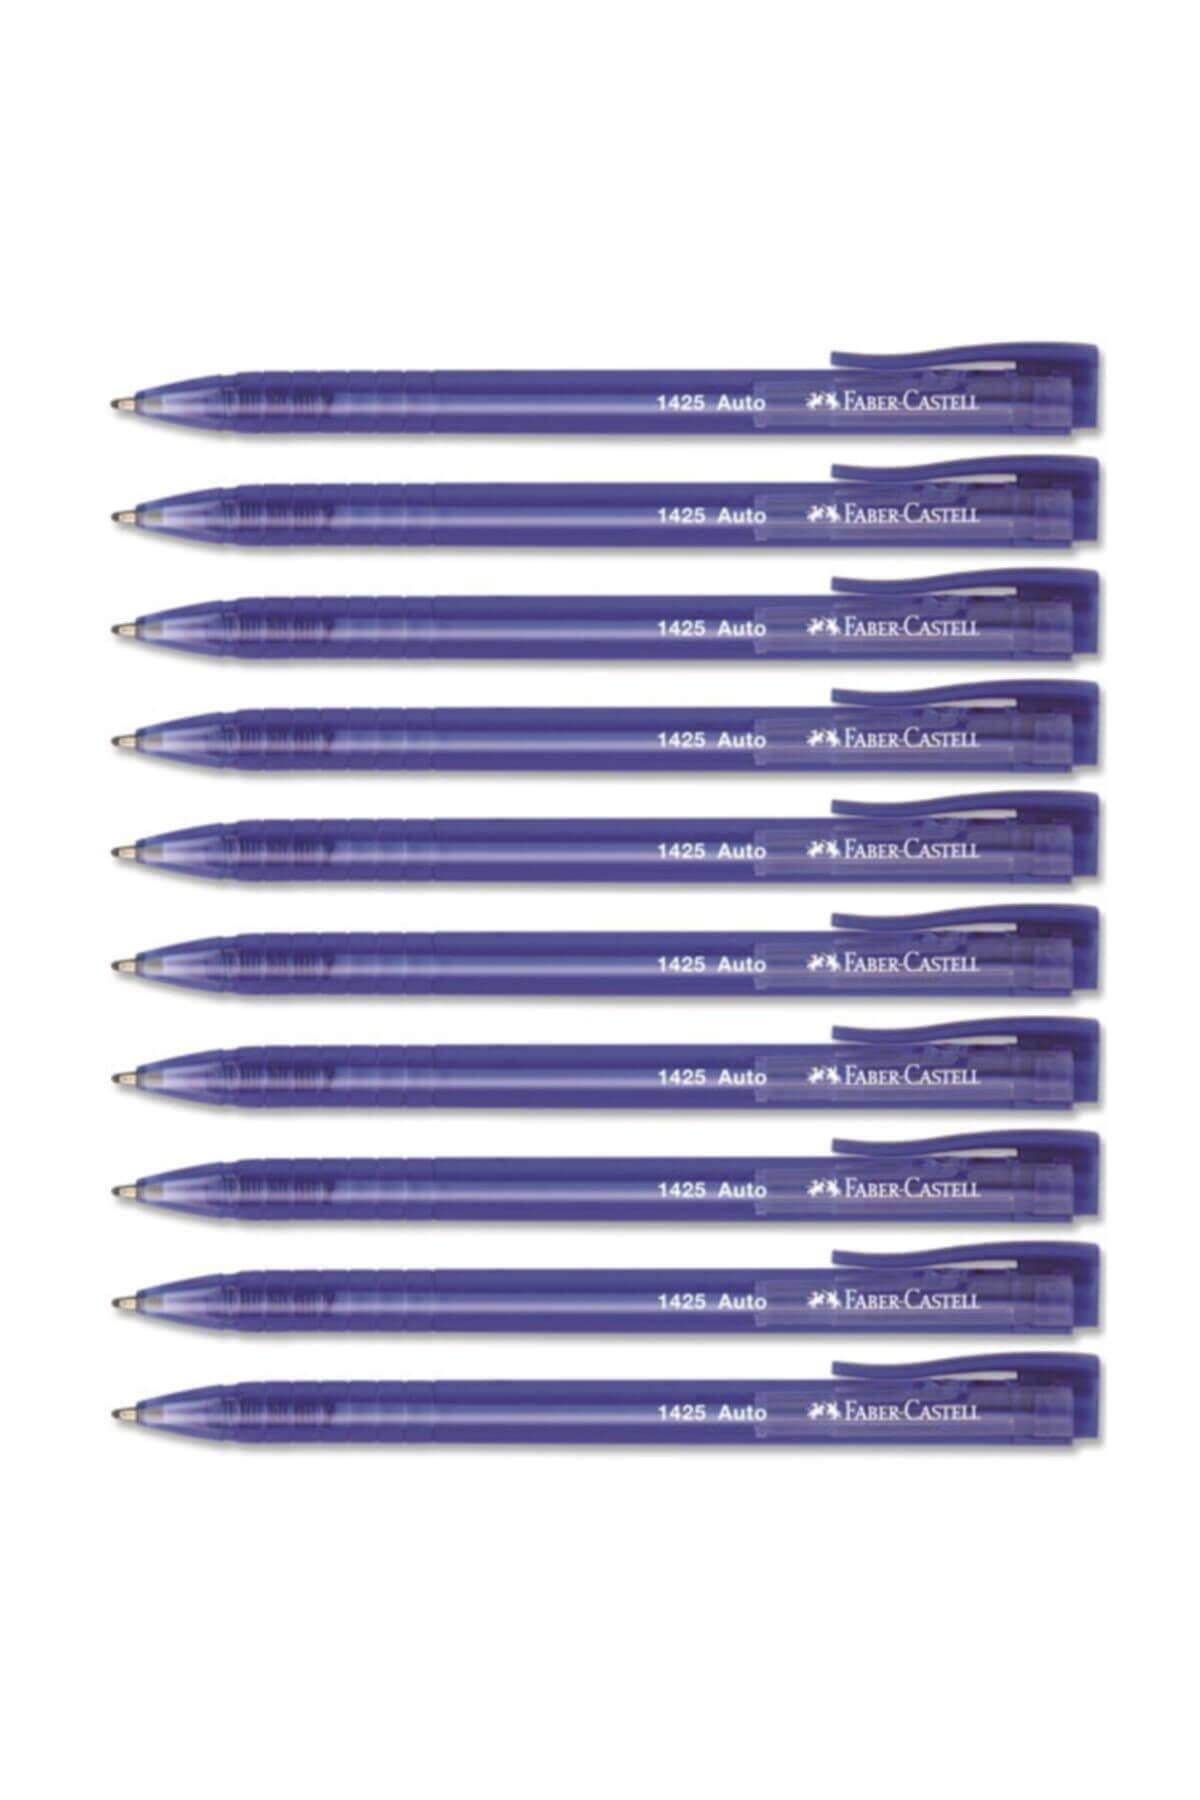 Faber Castell Mavi Tükenmez Kalem 10'lu Kutu 1